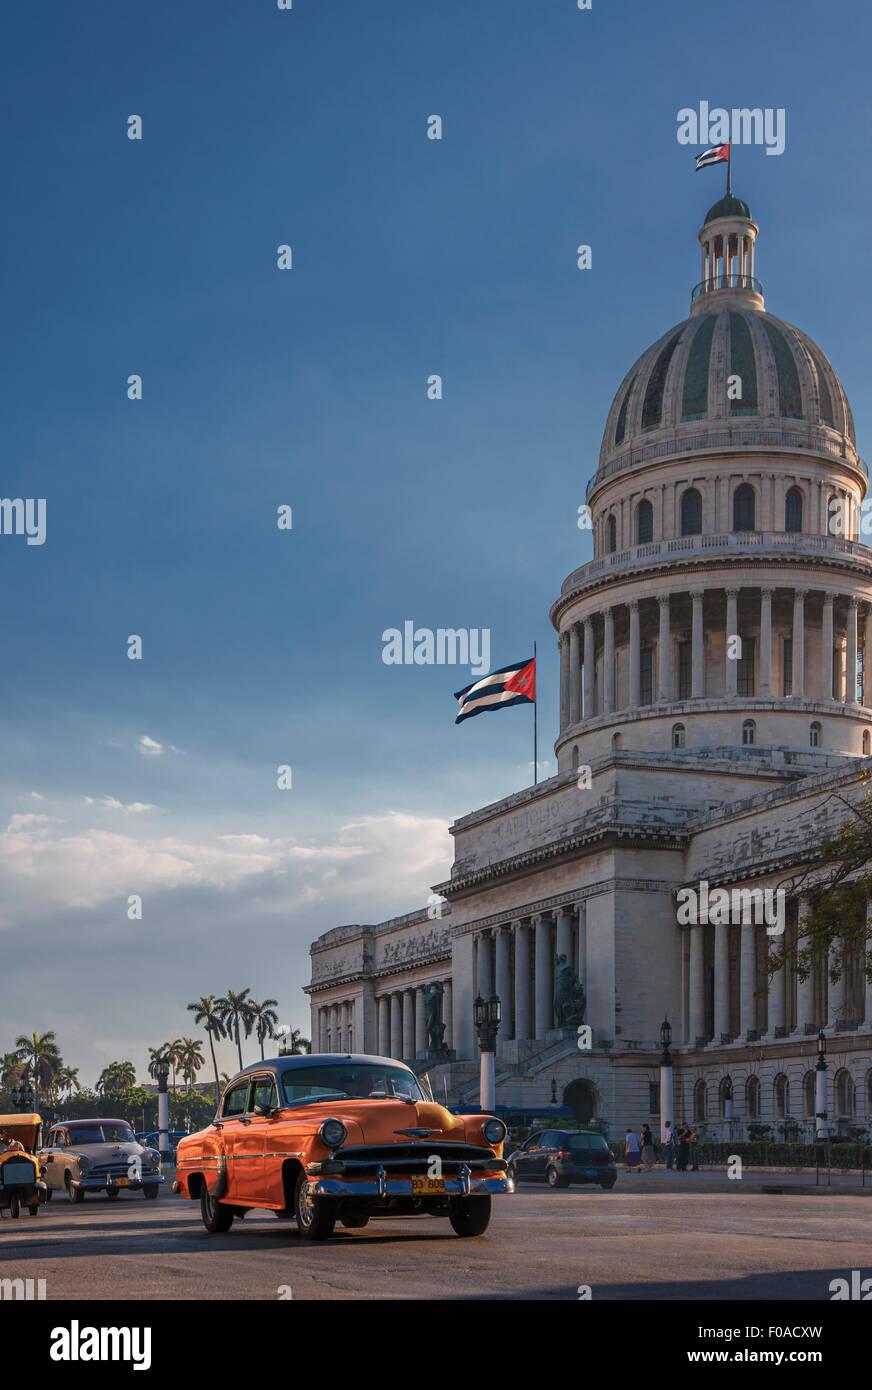 Vintage car guida nella parte anteriore del Capitol Building, Havana, Cuba Immagini Stock